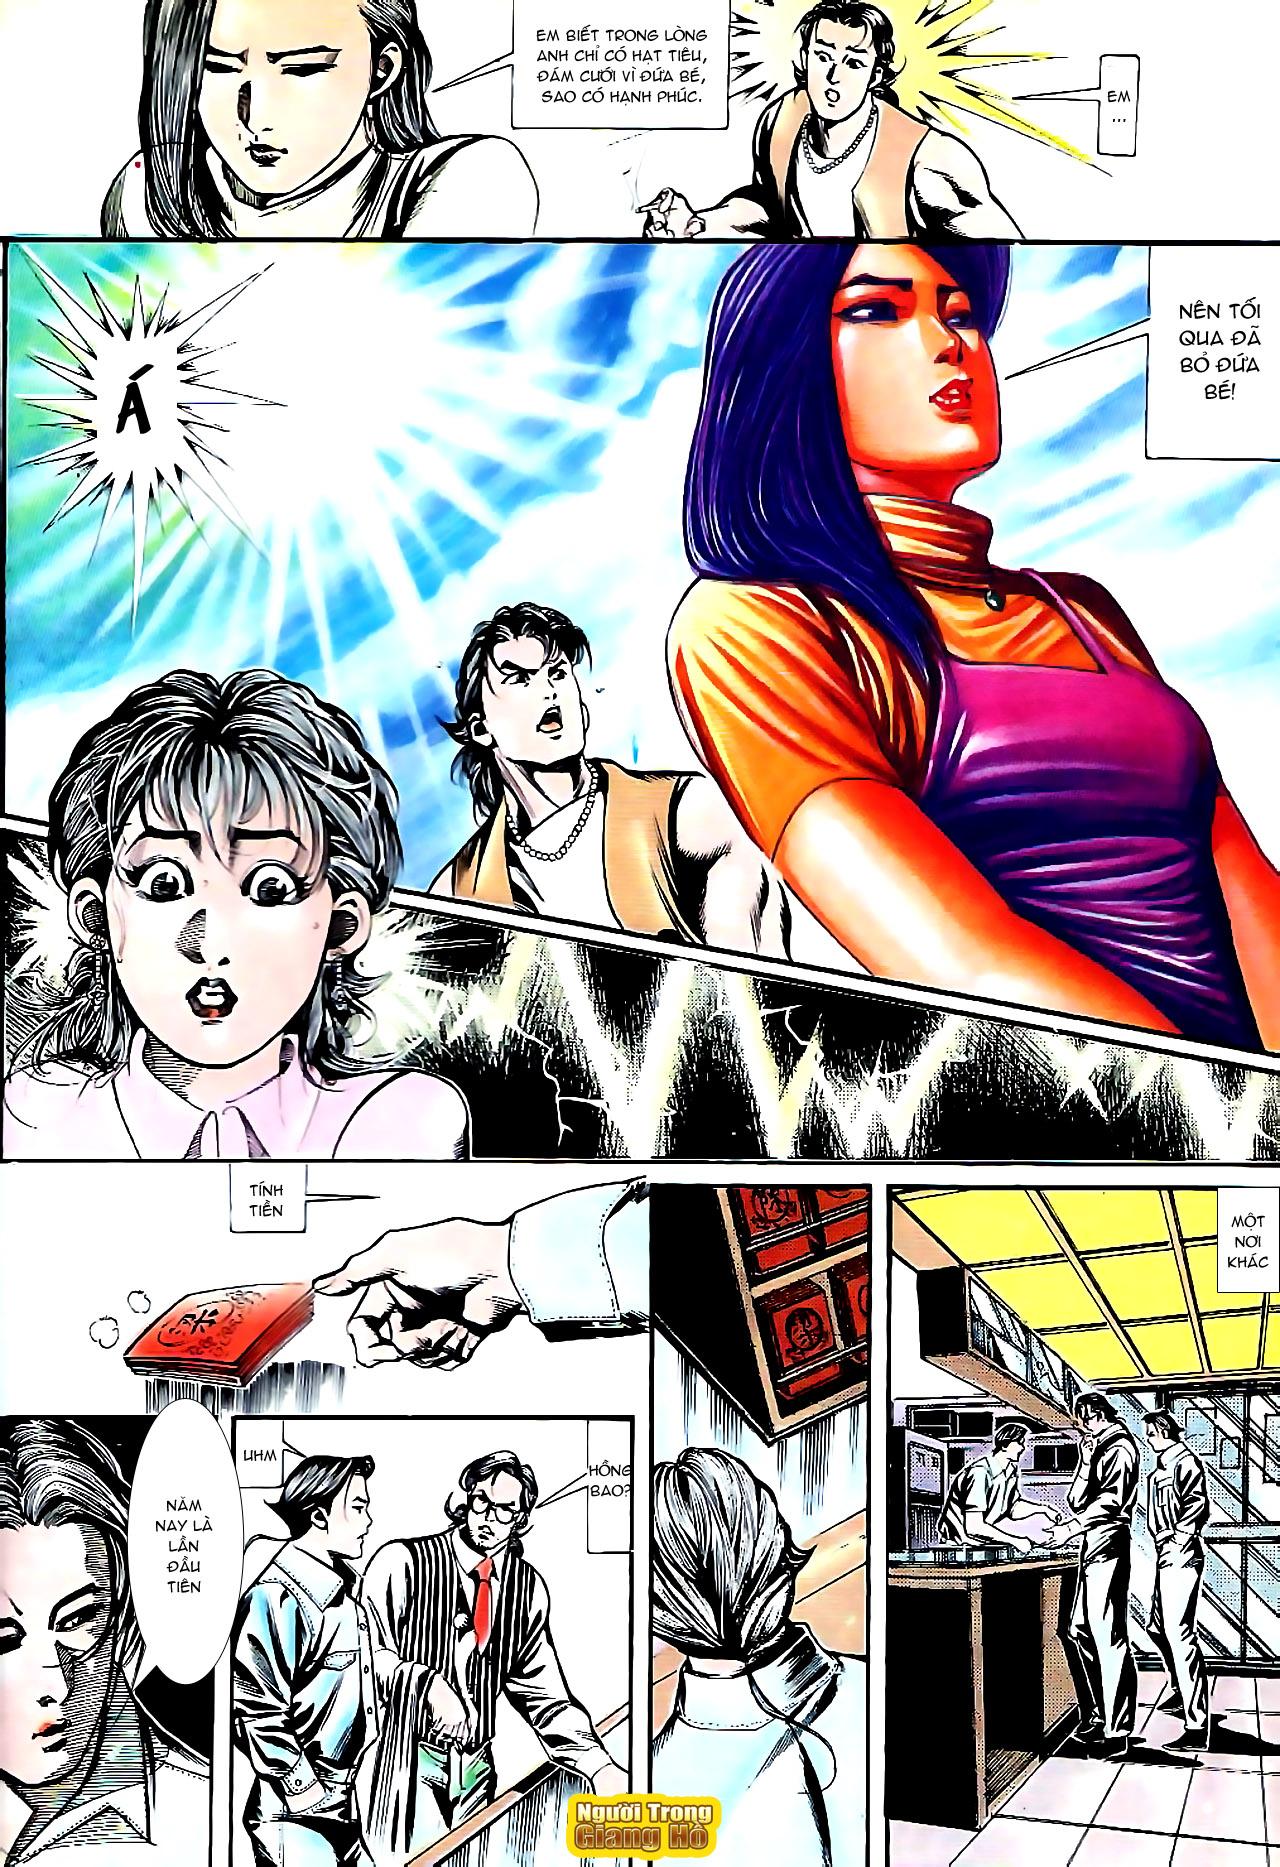 Người Trong Giang Hồ chapter 148: em đã gả cho anh trang 14